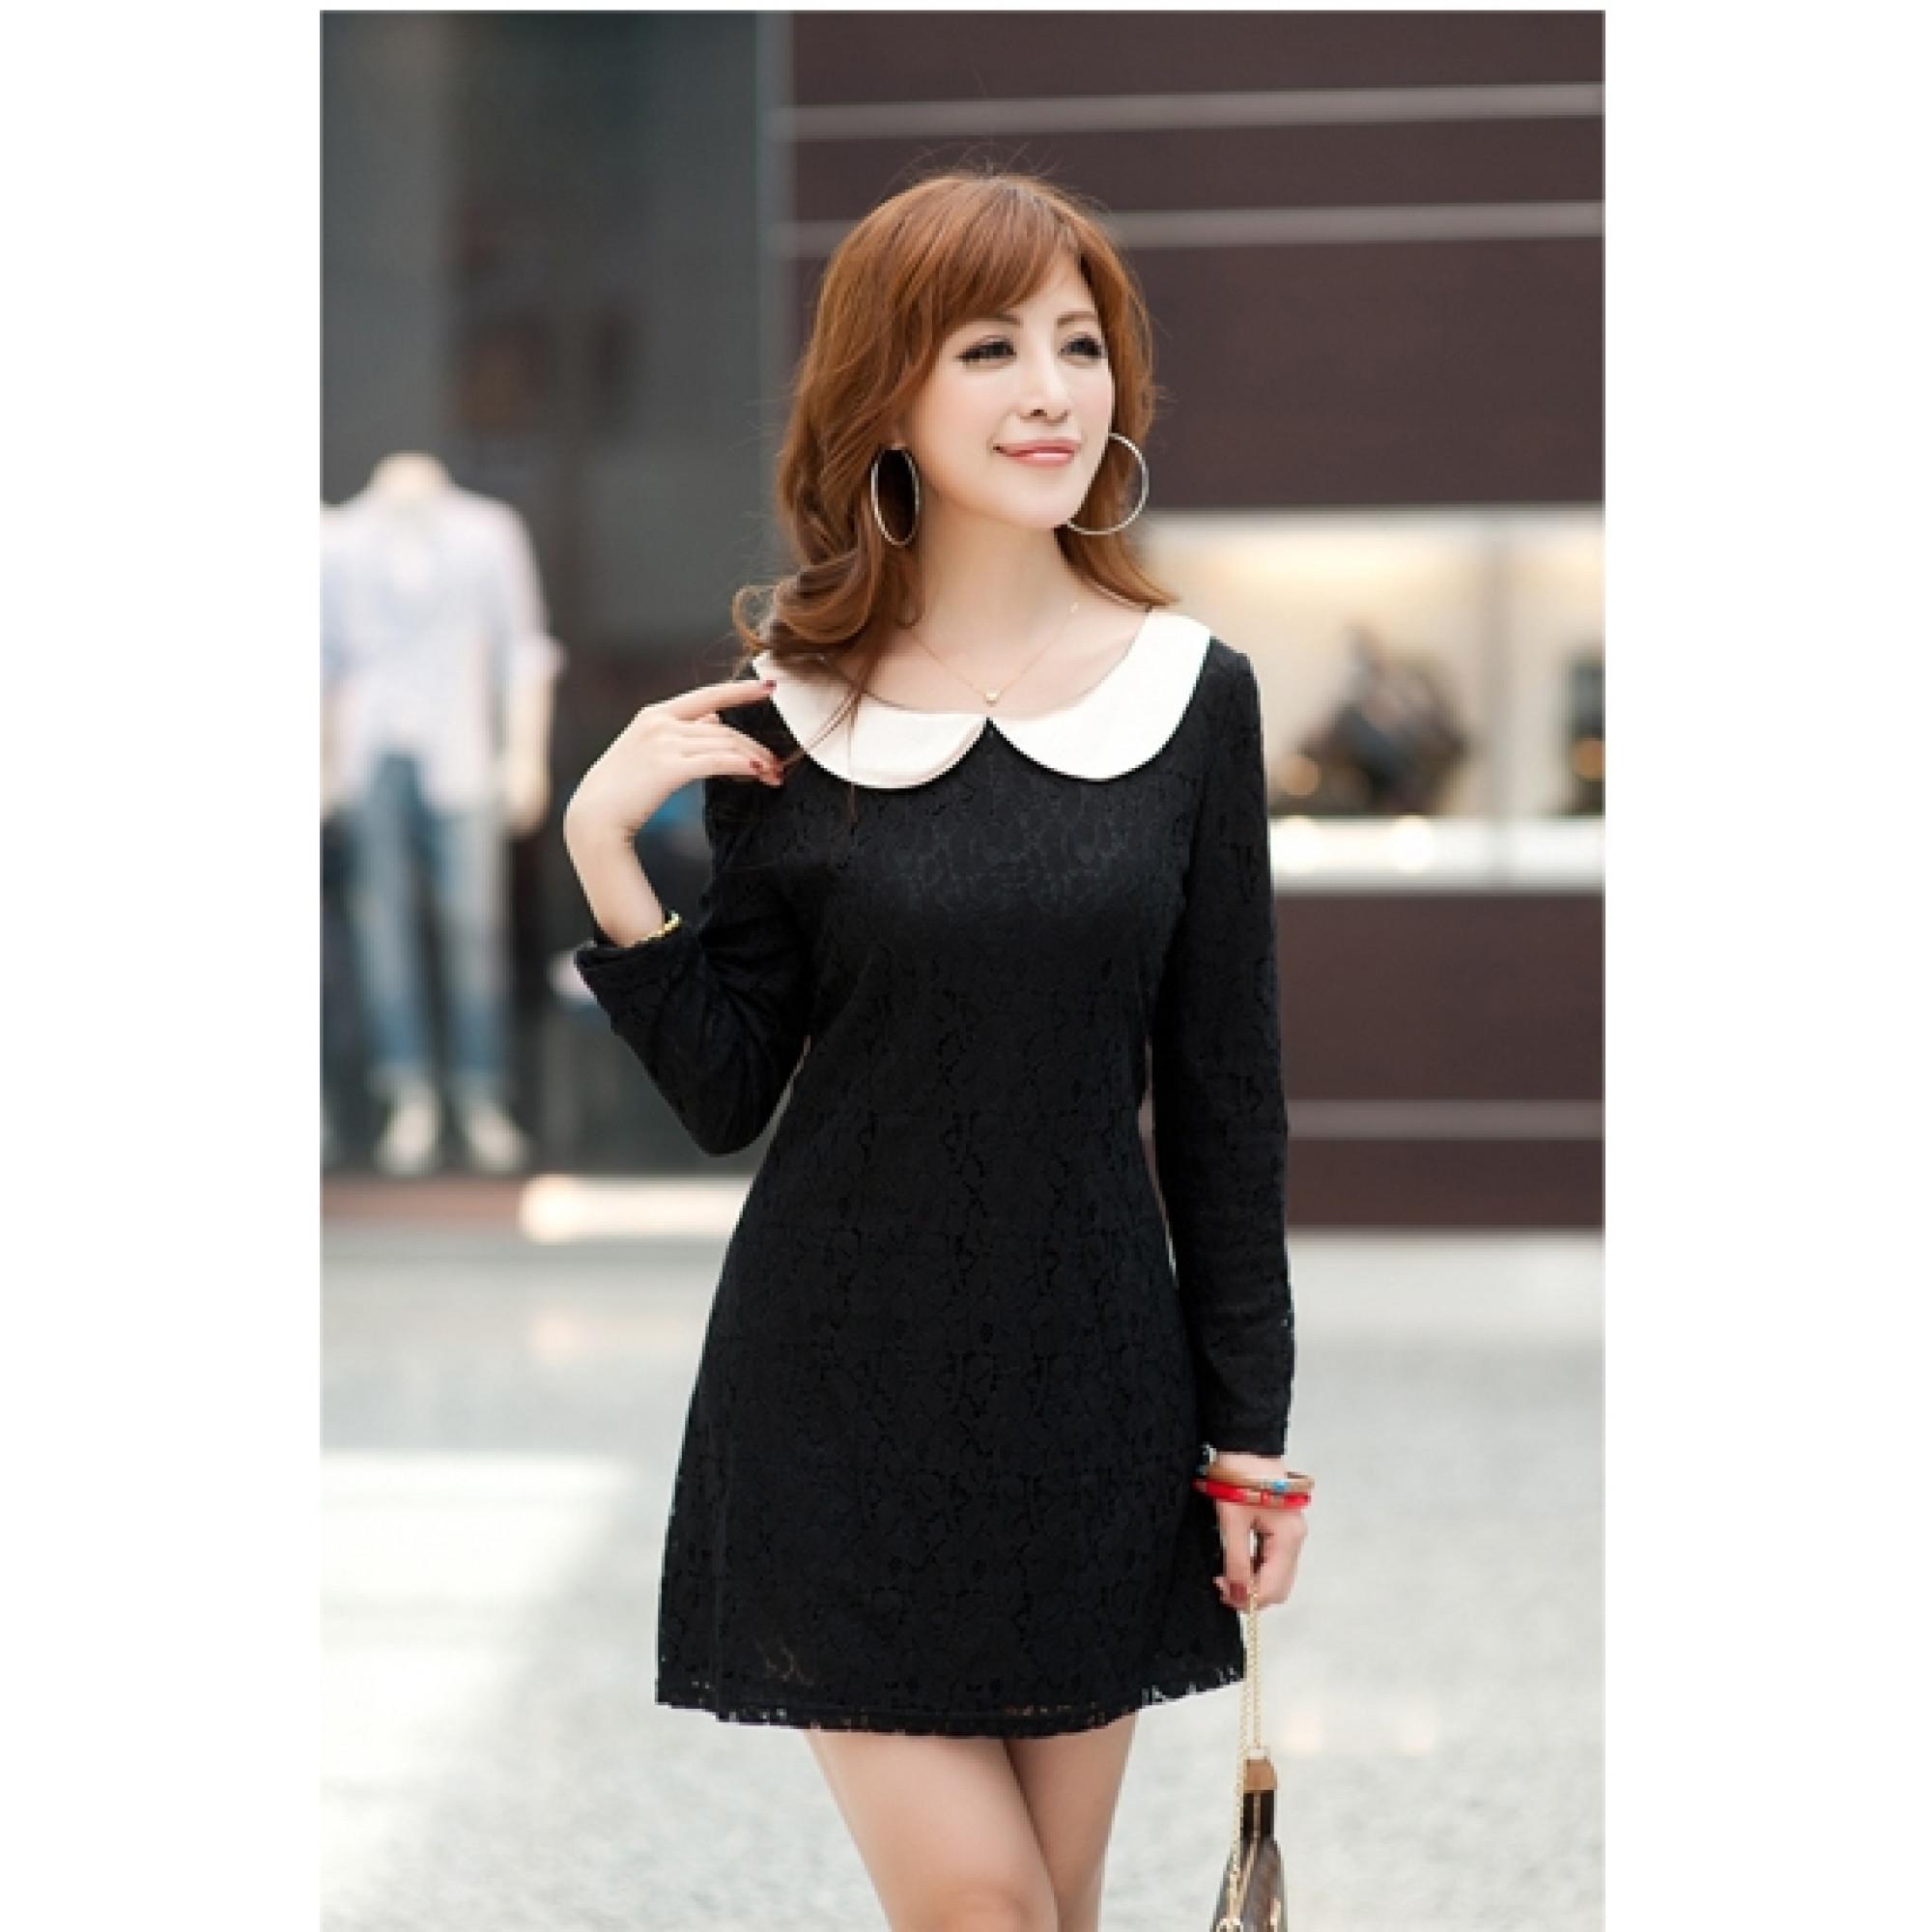 Купить чёрное платье с белым воротником — в Киеве, код товара 8585 4d14625a380